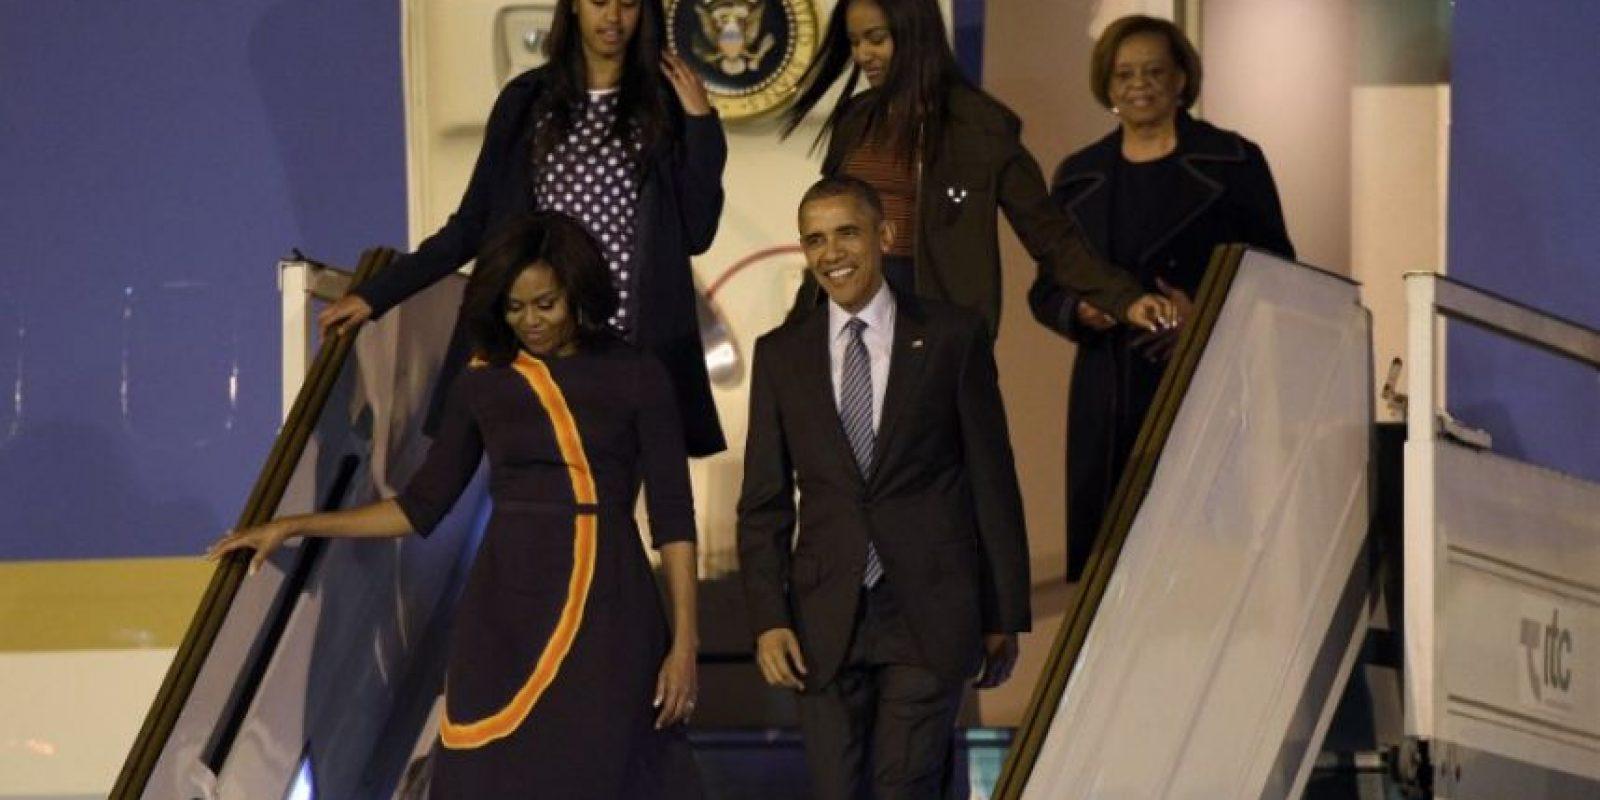 Malia y Sasha Obama en Argentina. Foto:AFP. Imagen Por: